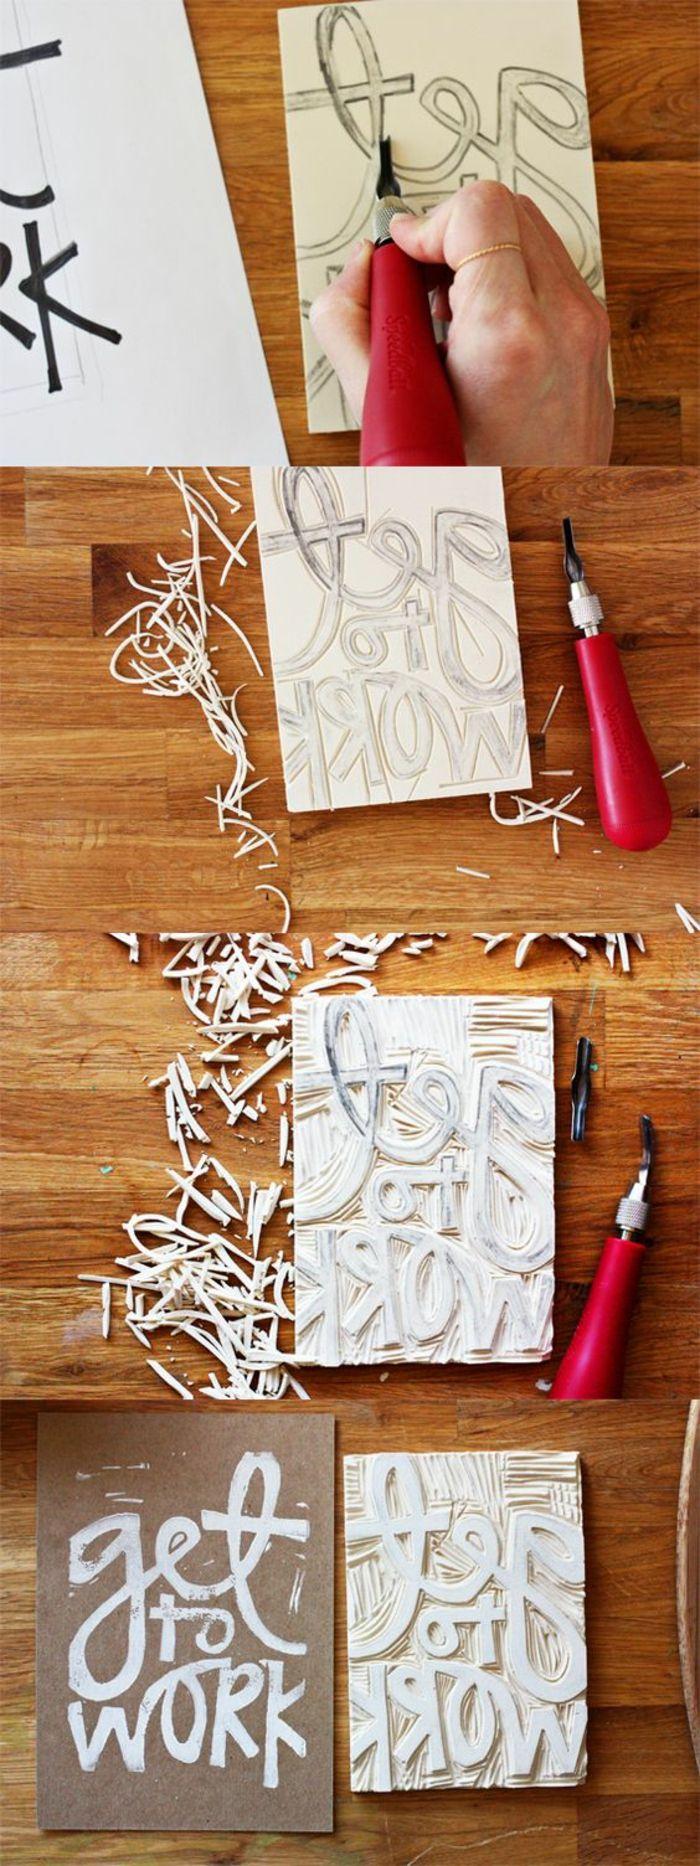 Amazing stempel selbst gestalten aus holz buchstaben formen diy wanddeko